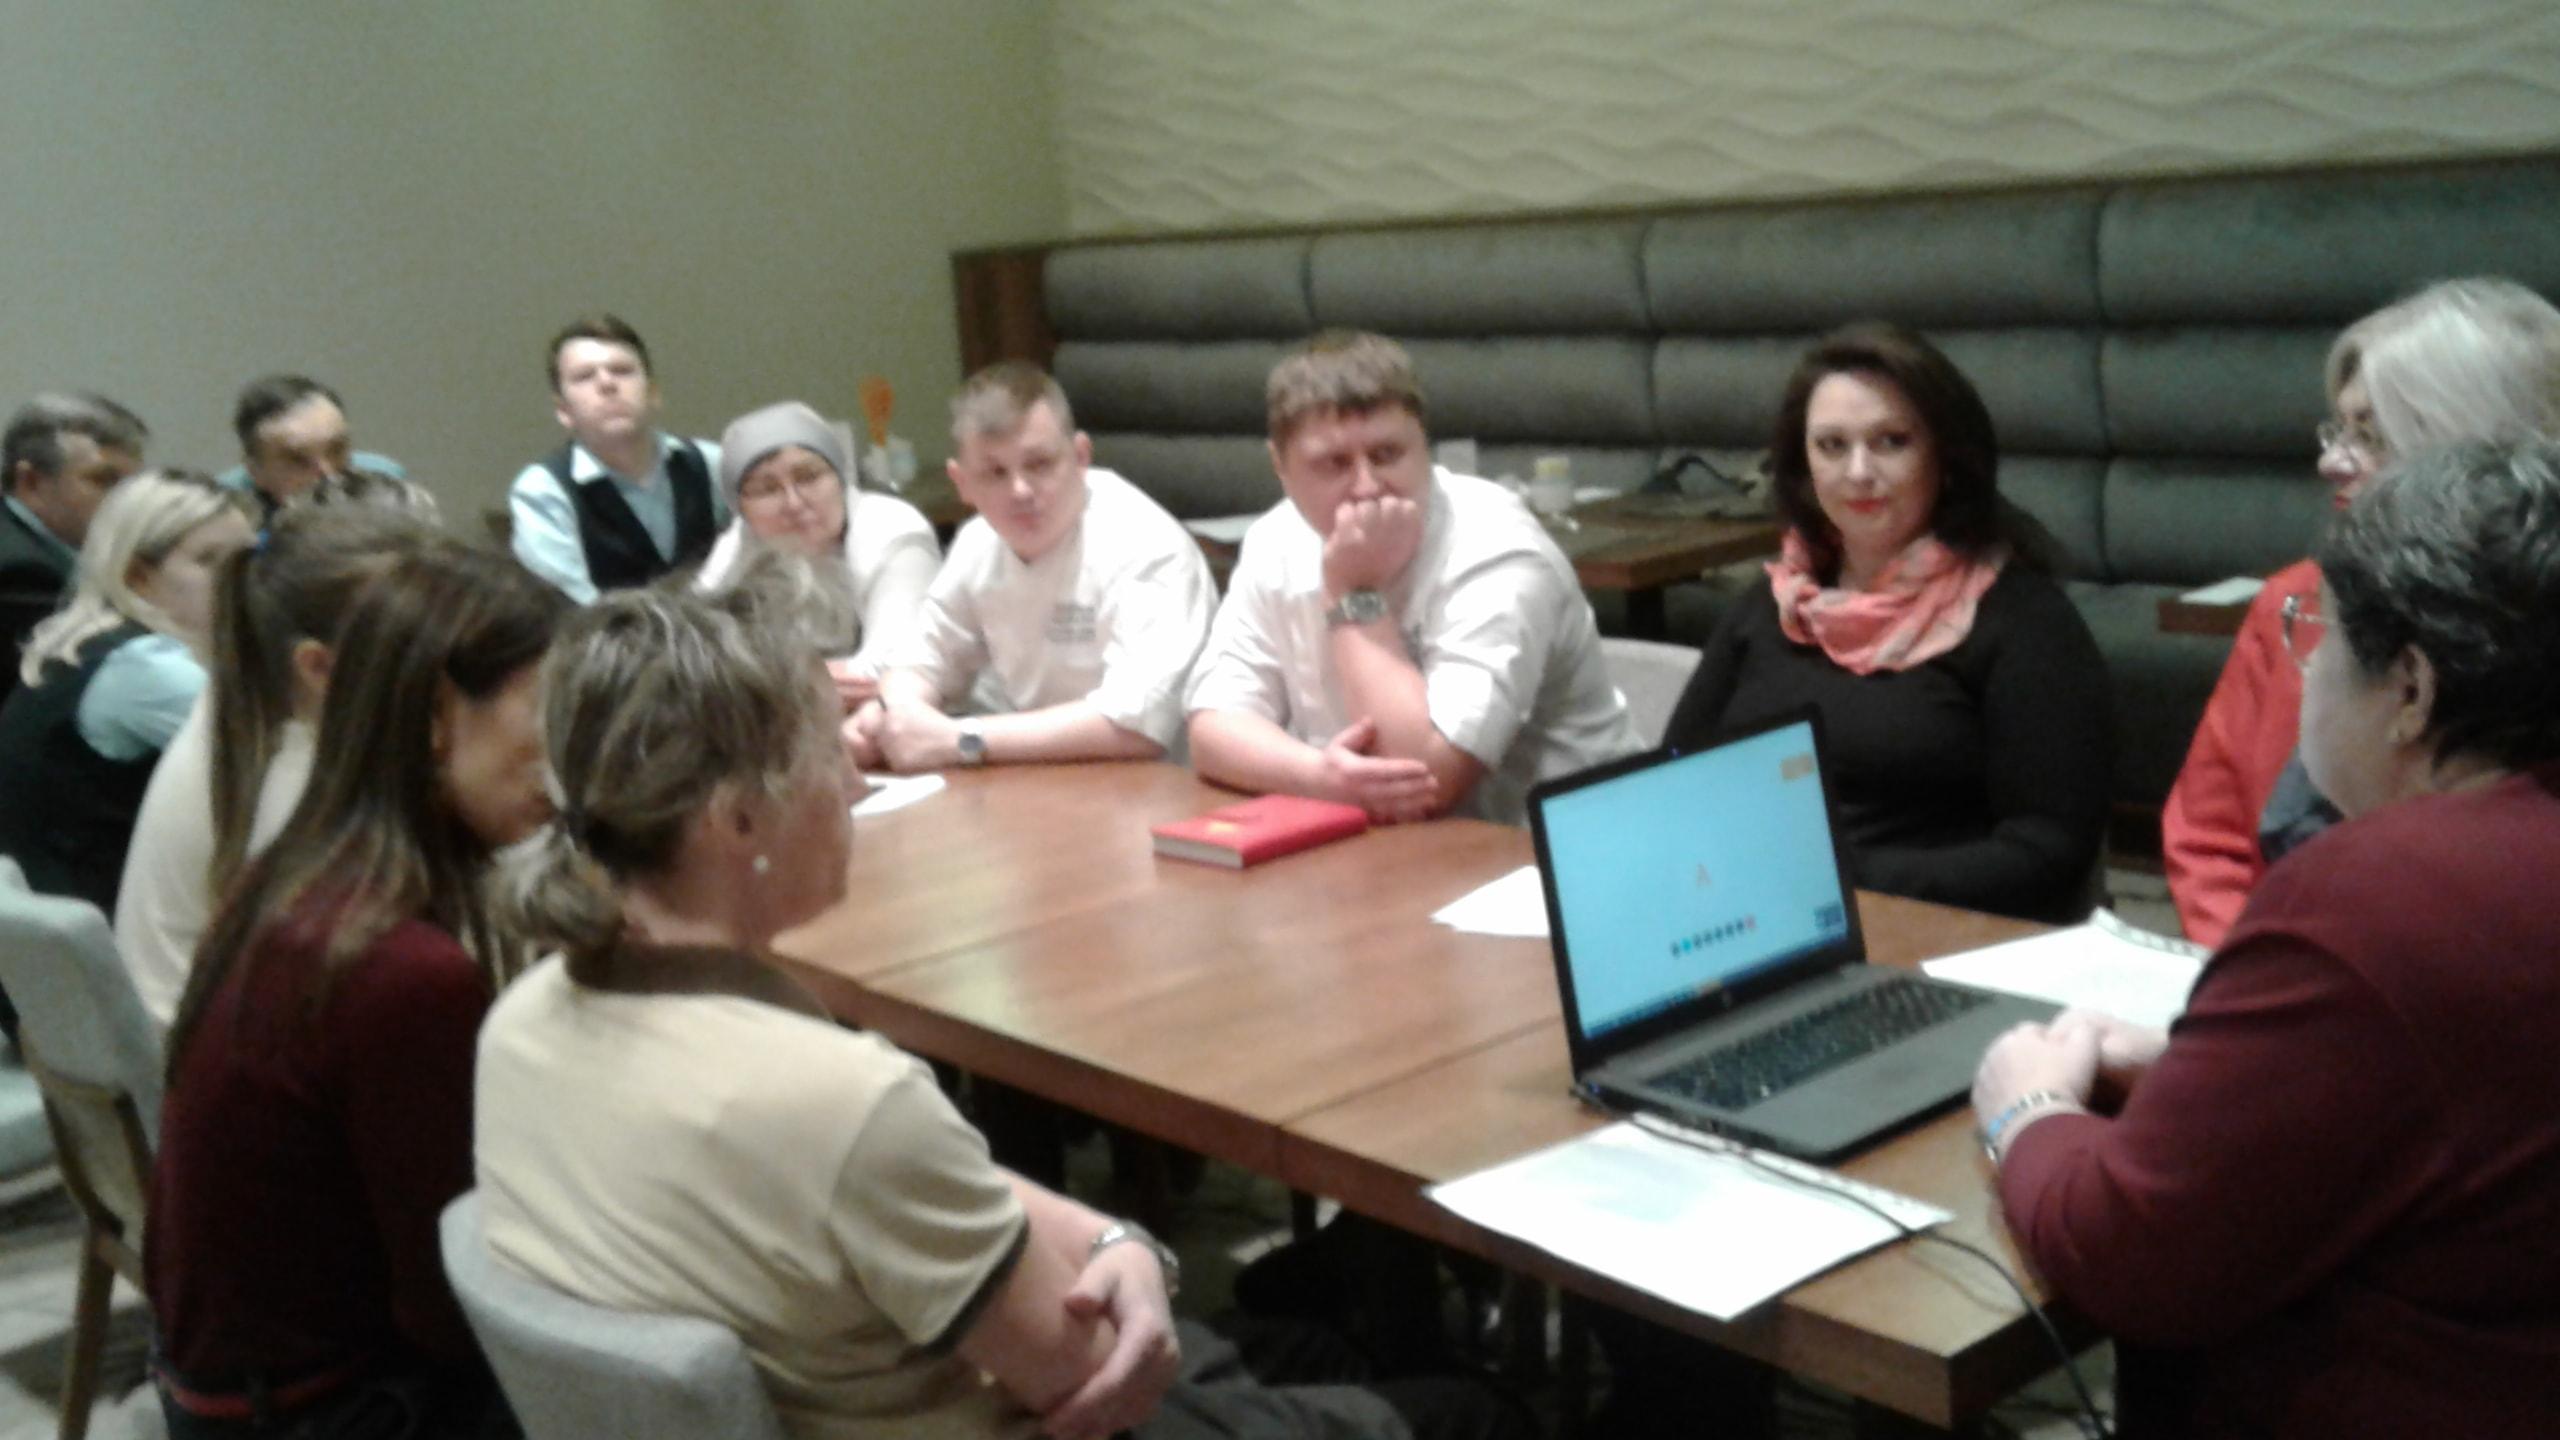 Русский Дом провел тренинг для сотрудников отеля Hilton Garden Inn Krasnoselskaya о специфике работы с людьми с ментальными и психическими особенностями.